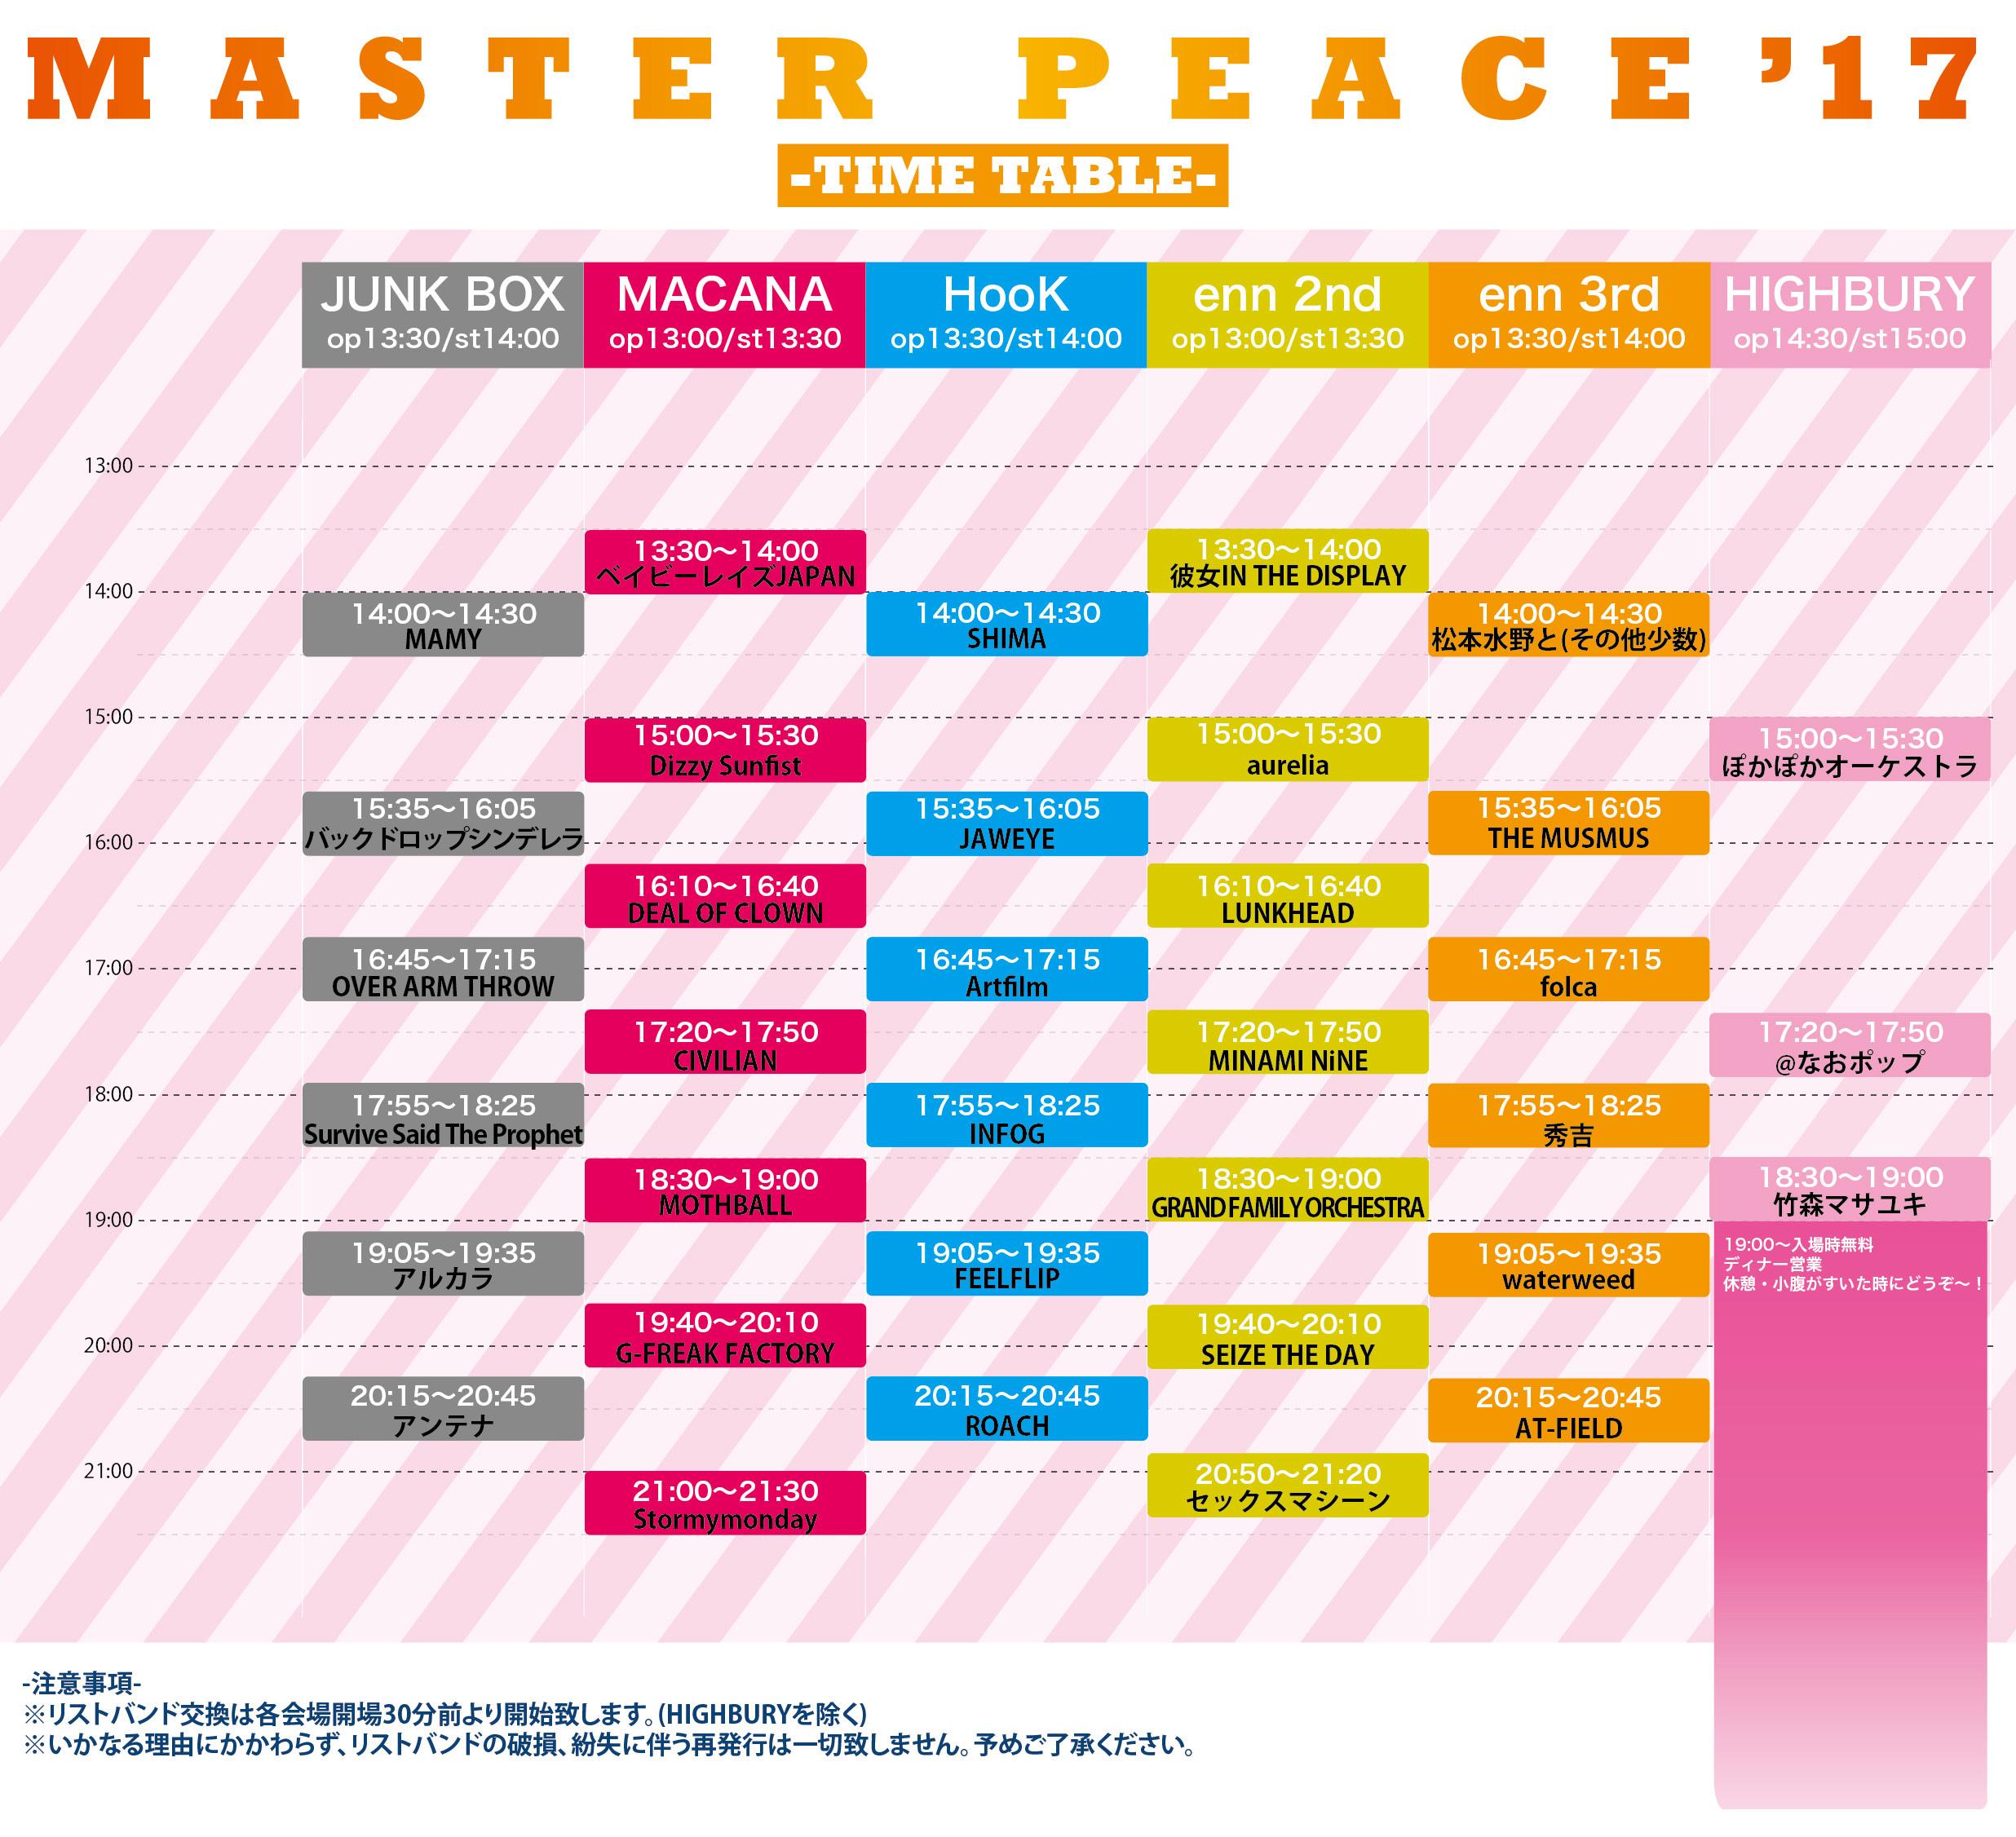 『MASTER PEACE'17』タイムテーブル